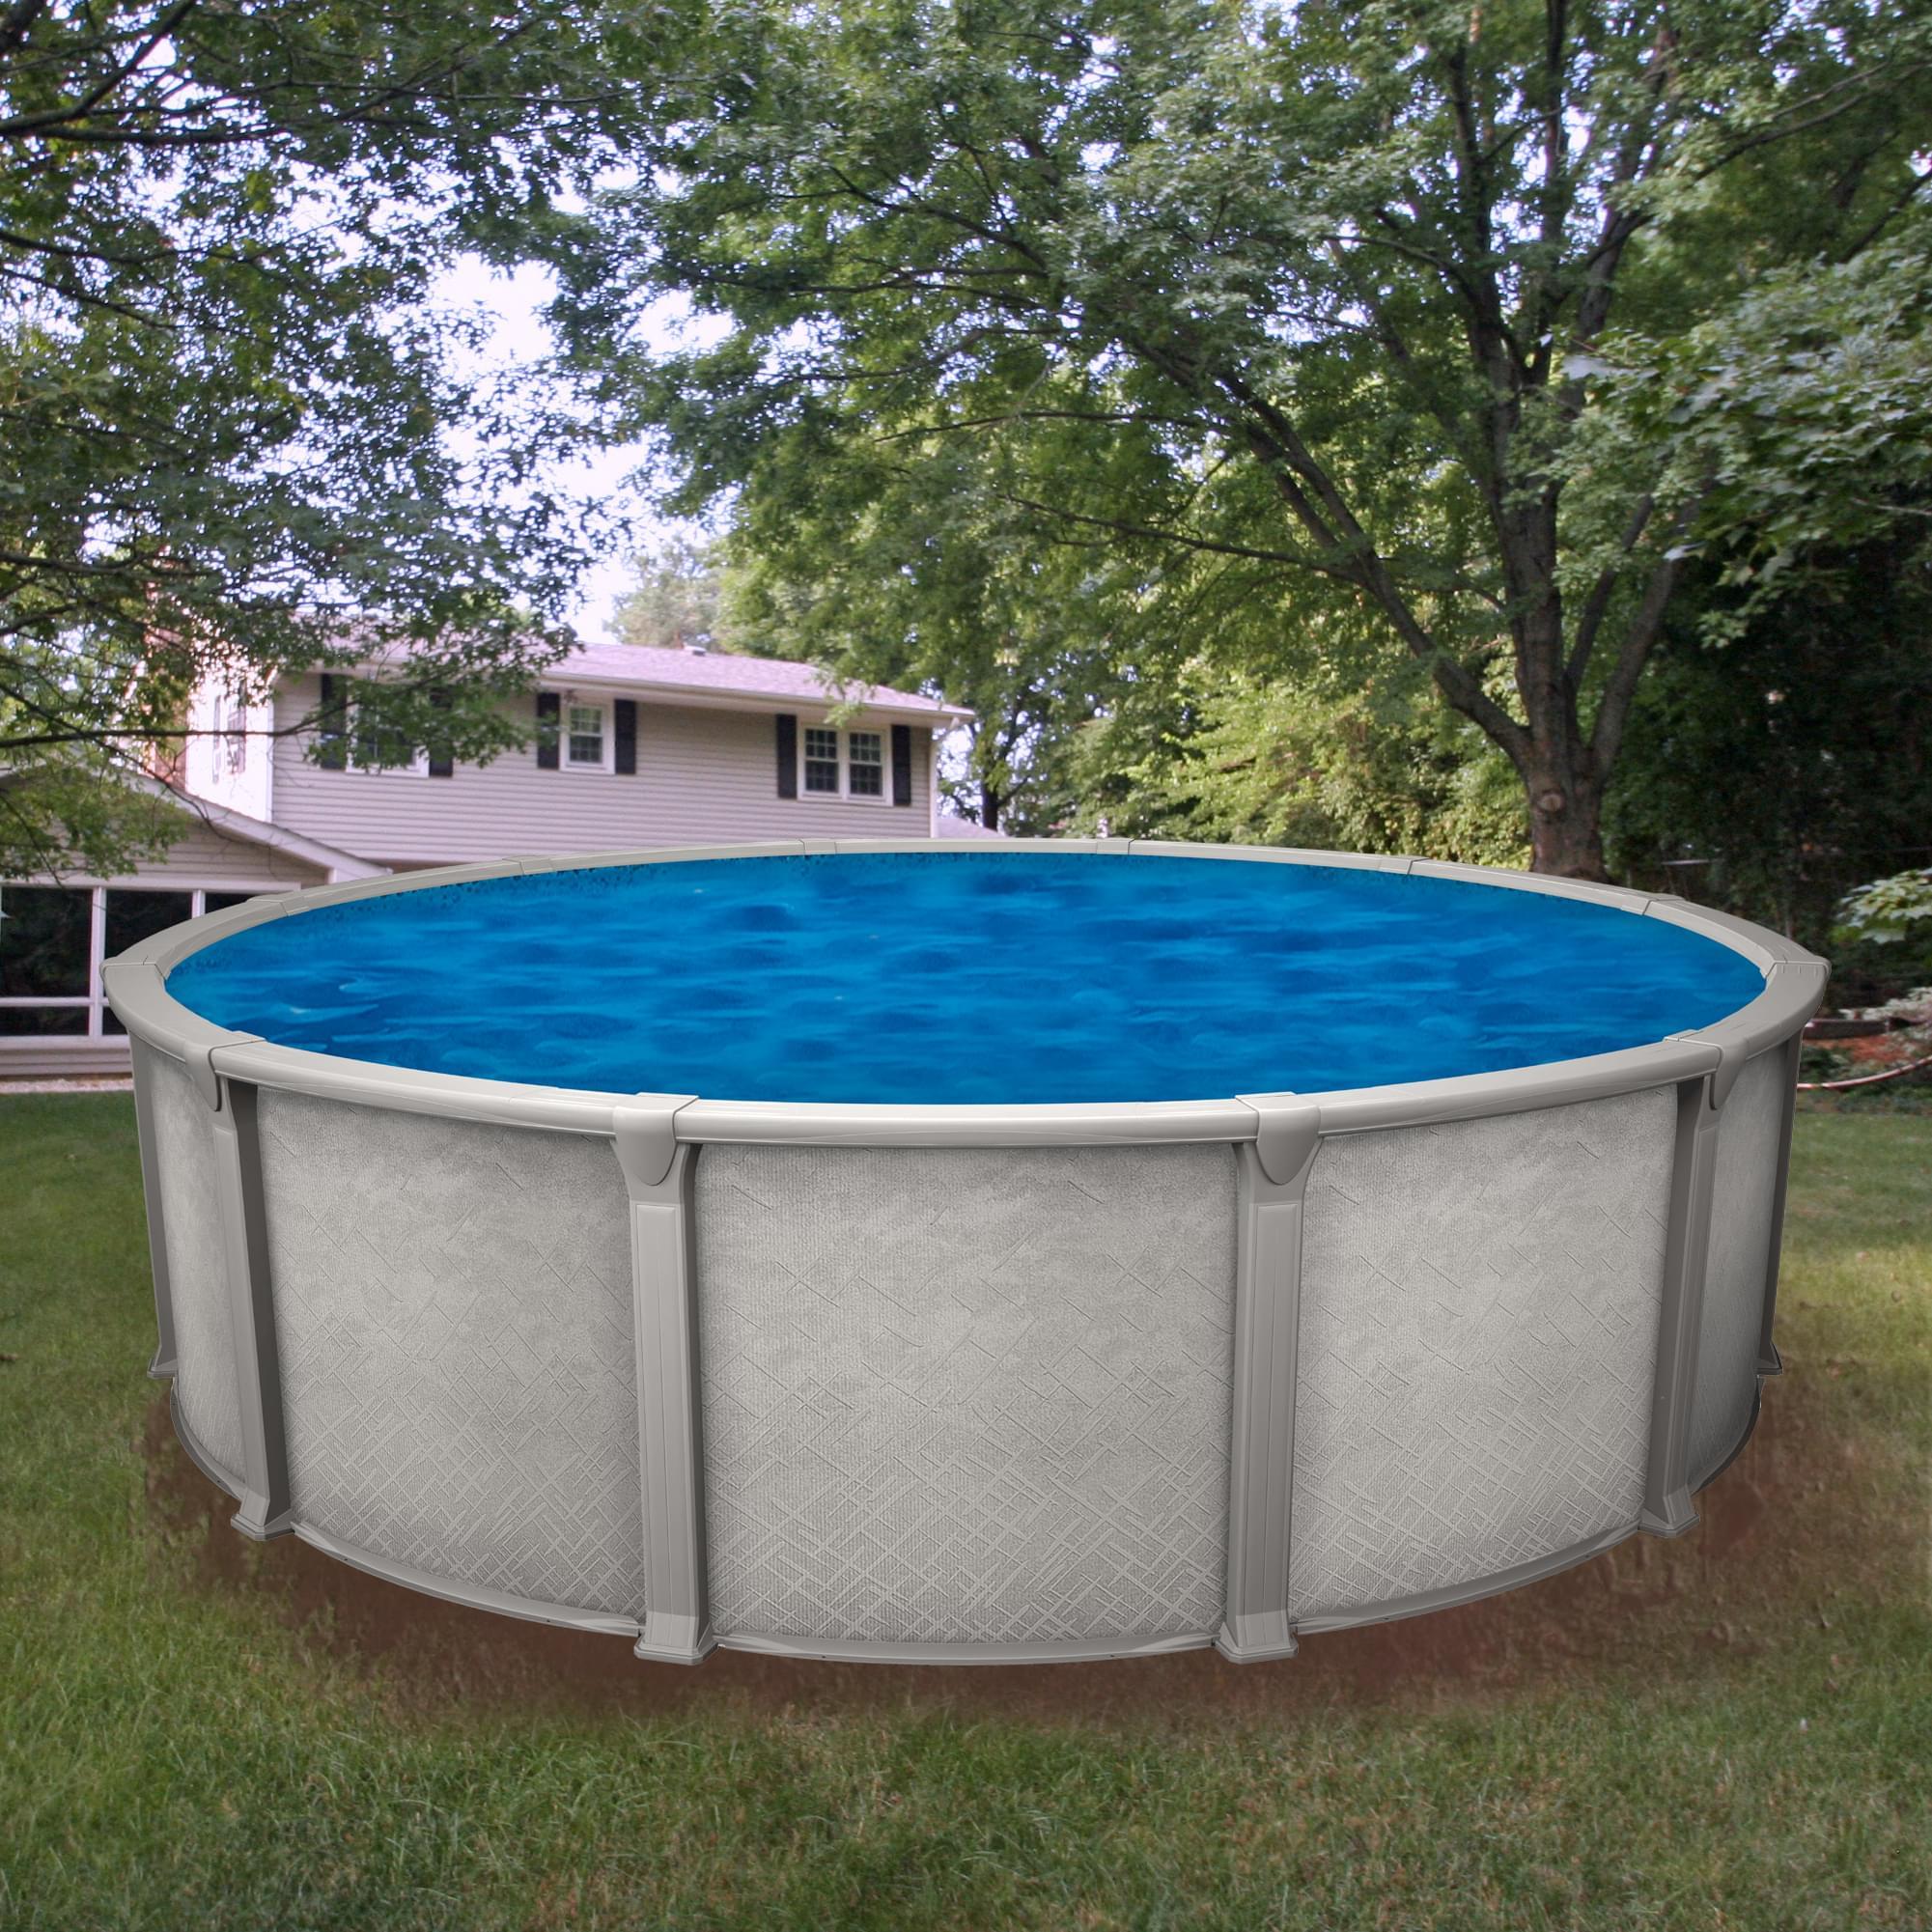 Galaxy 15 pied ronde piscine hors te magasin de piscine for Chauffe eau pour piscine hors terre